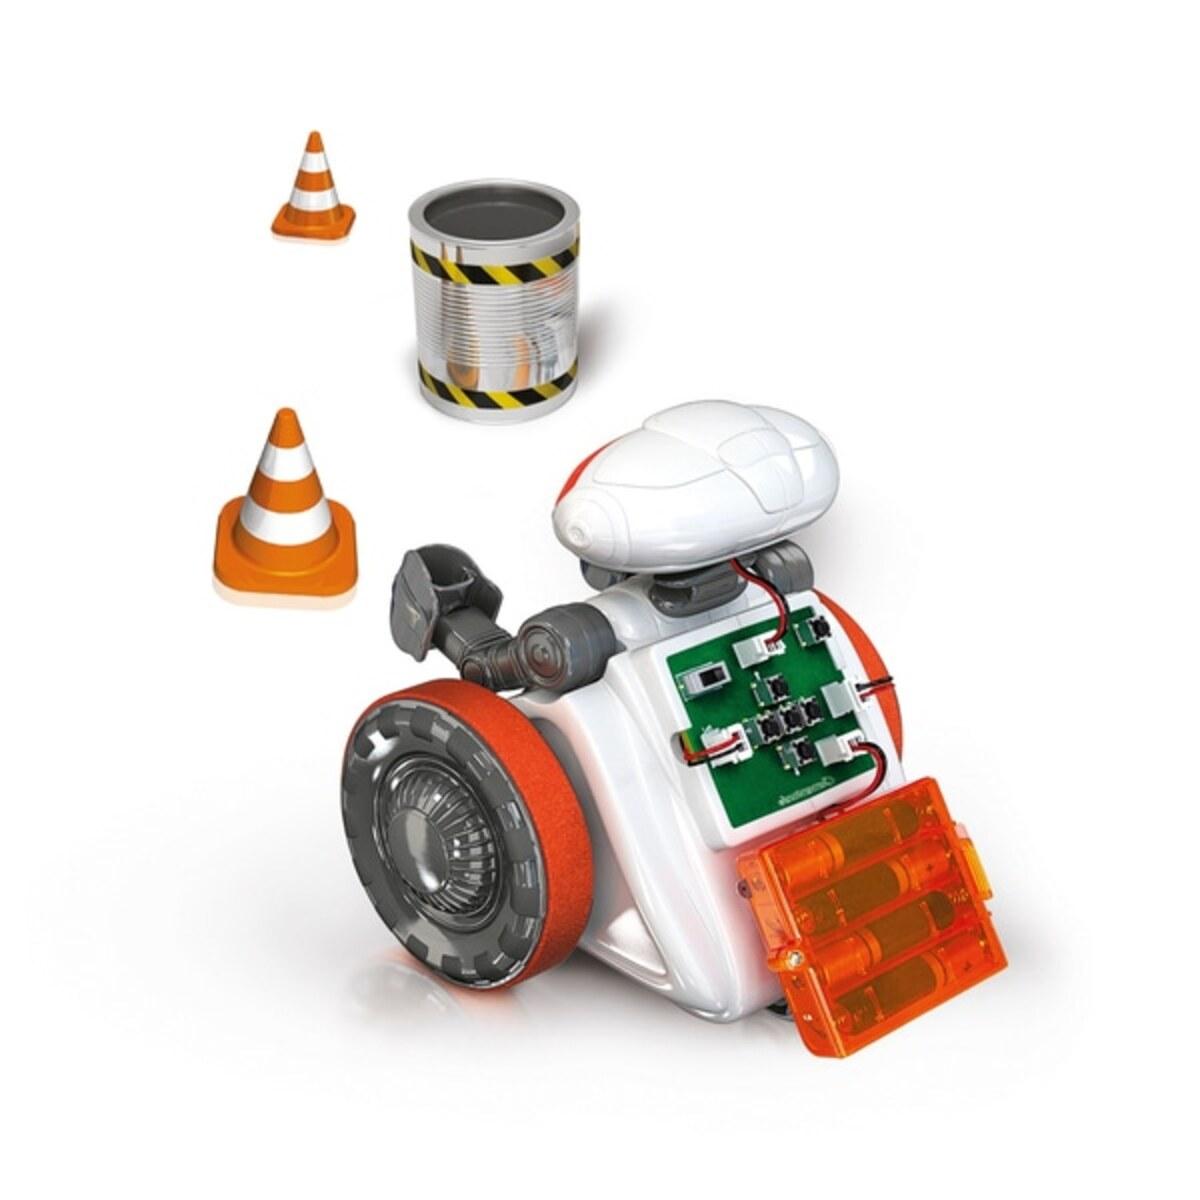 Bild 4 von Galileo Technologic - Mein Roboter MC 4.0